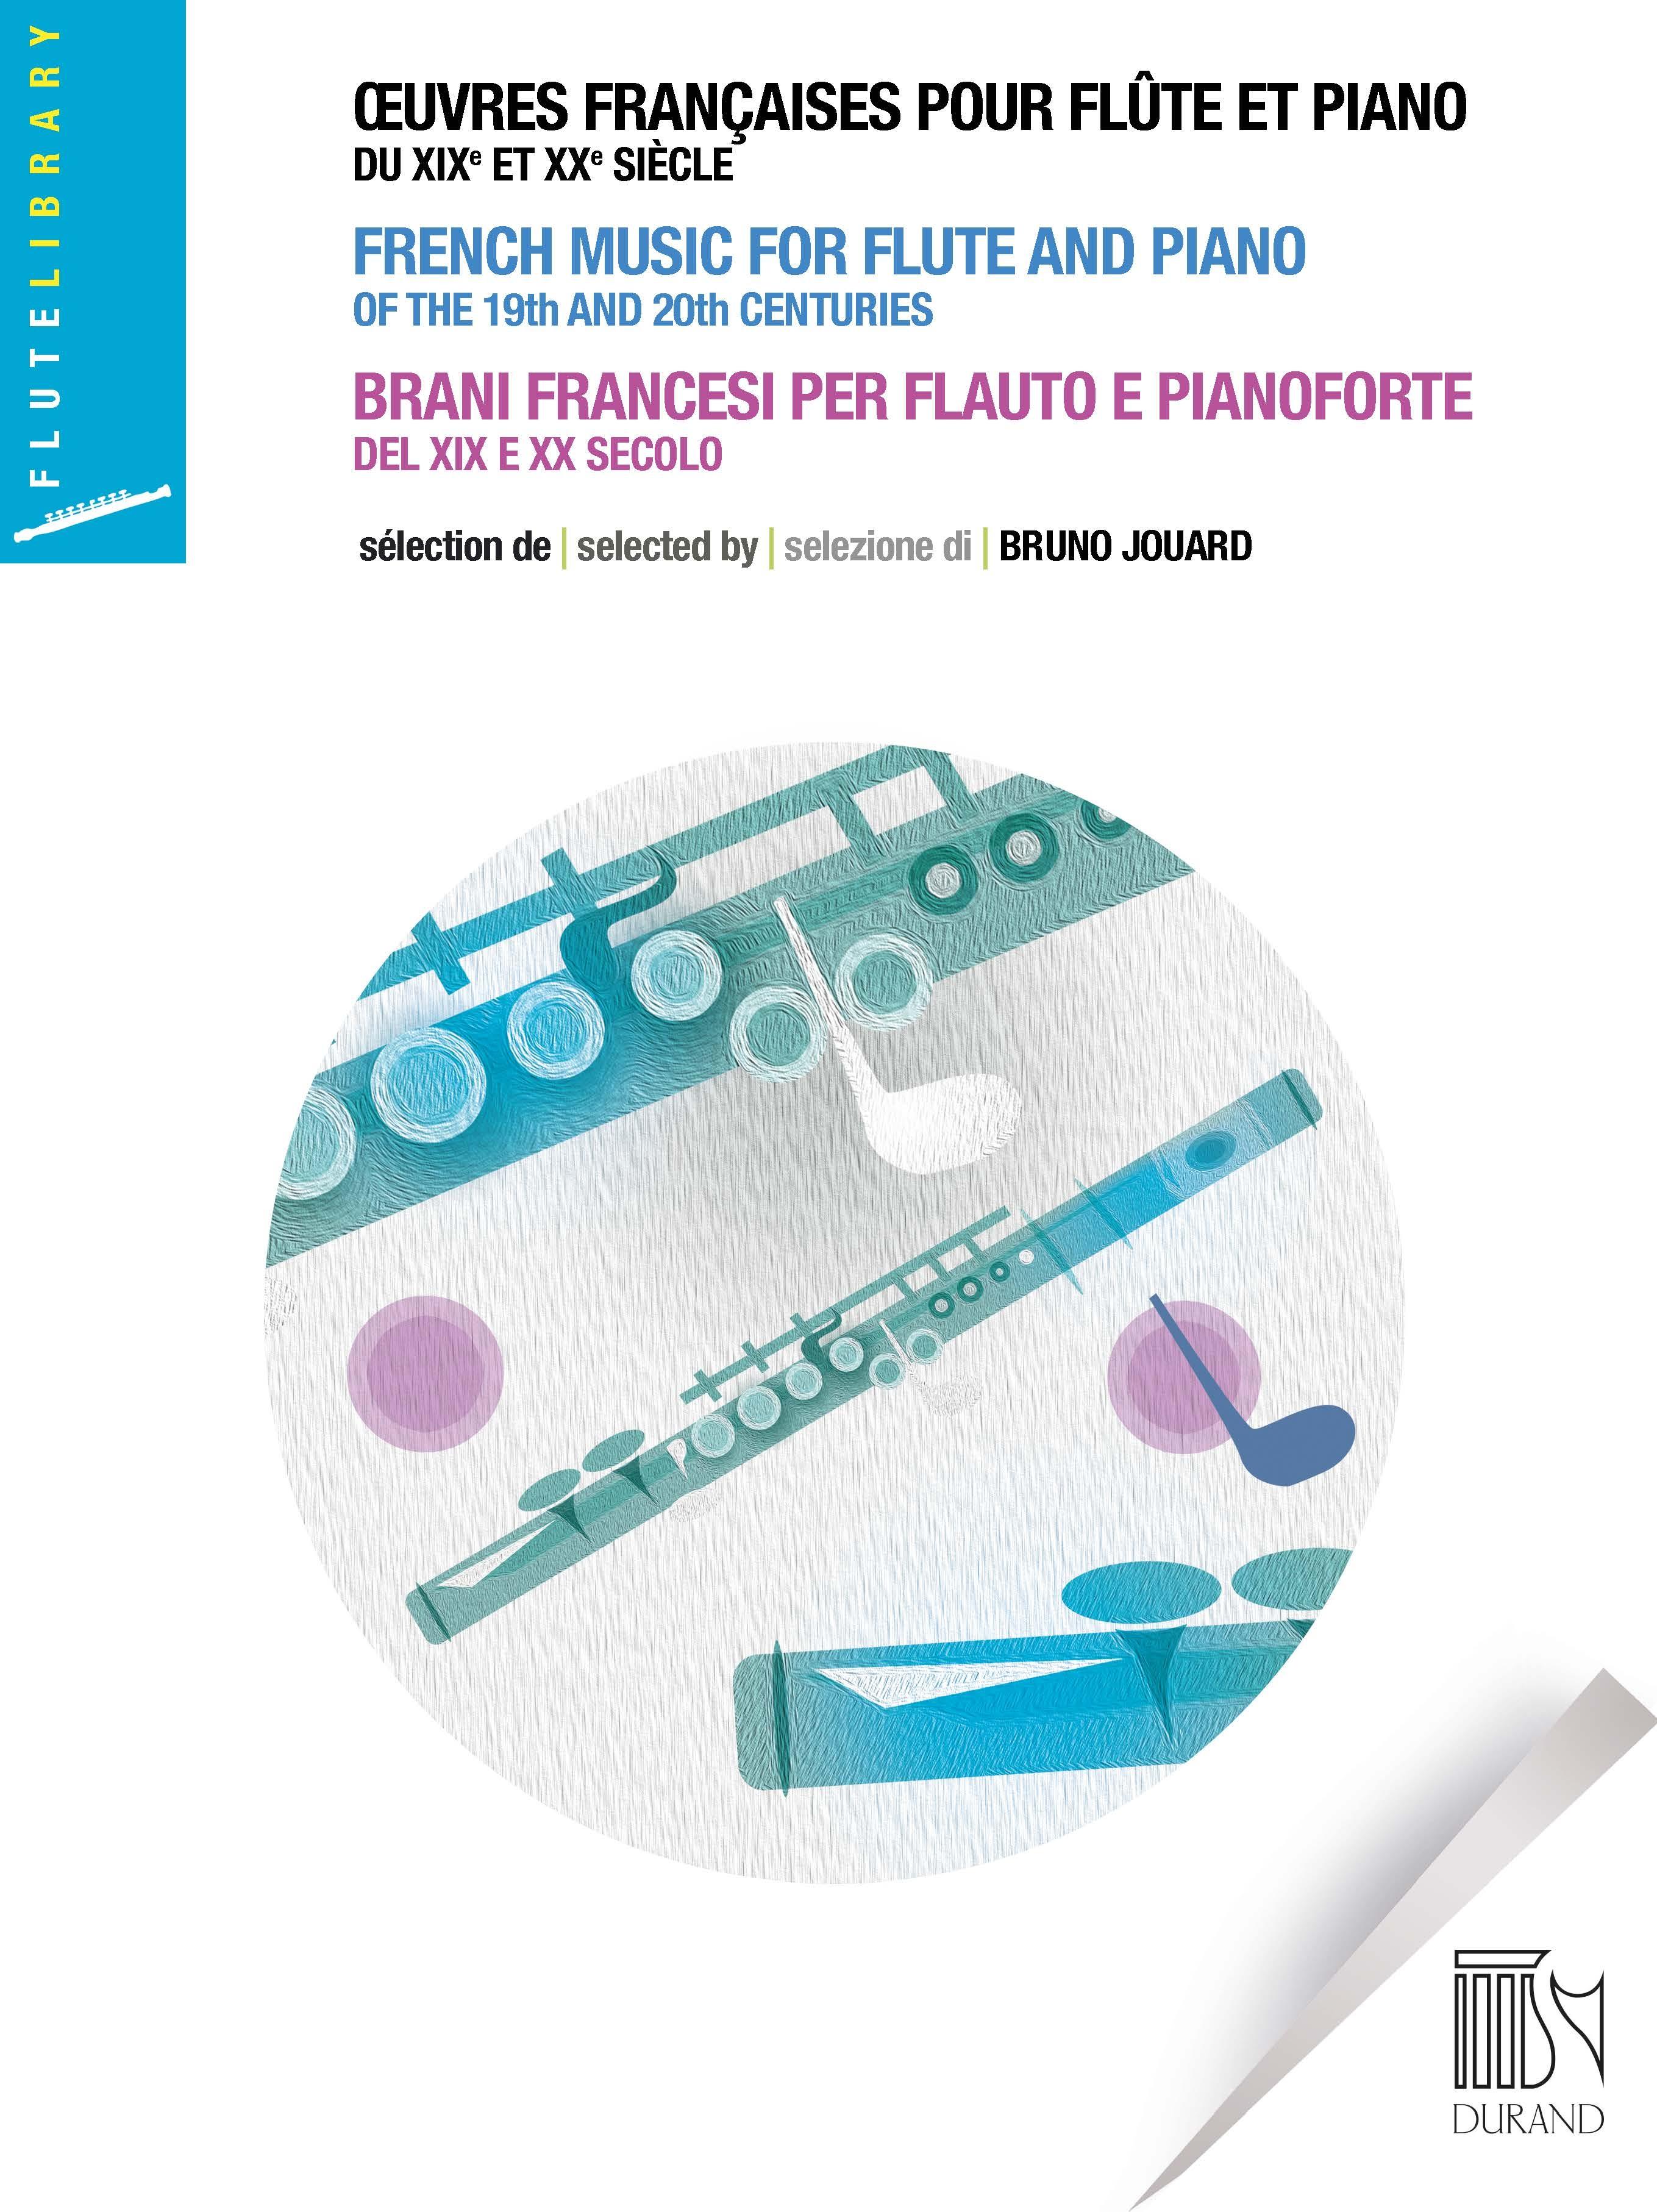 Œuvres françaises pour flûte et piano: Flute